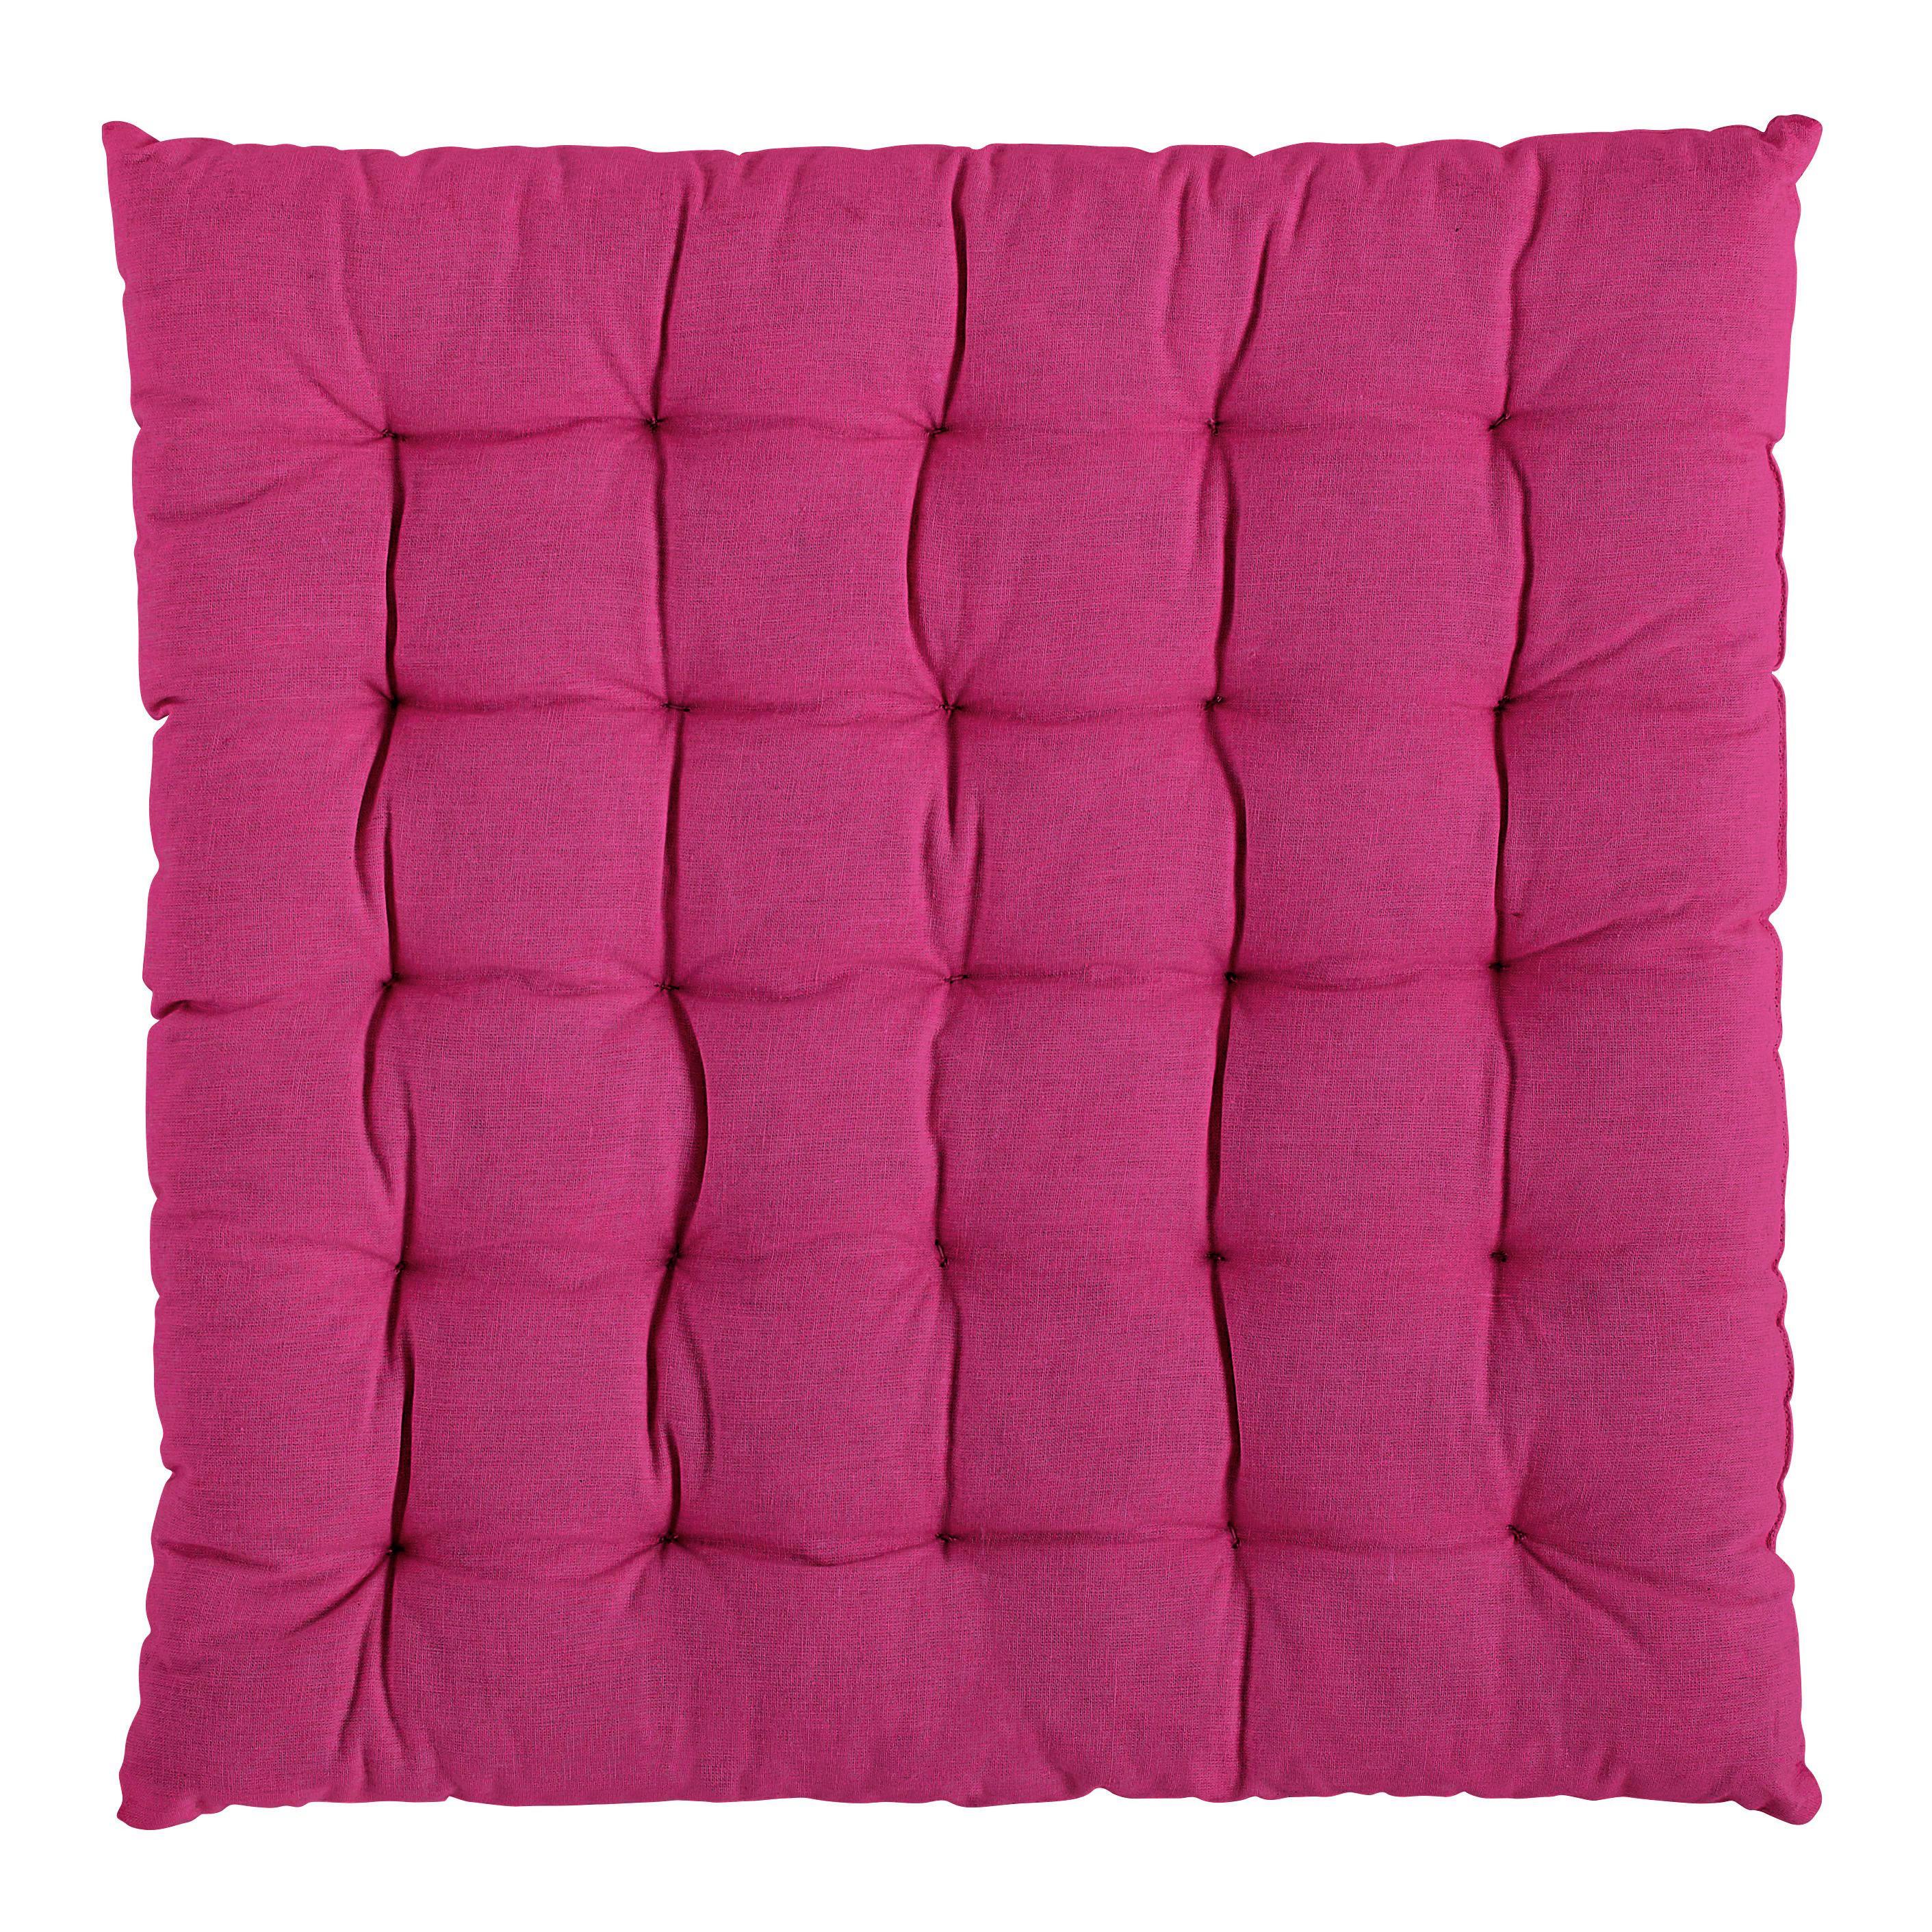 4 Sitzkissen 44x47 cm in cremeweiß mit Bindebändern waschbar Kissen Stuhlkissen